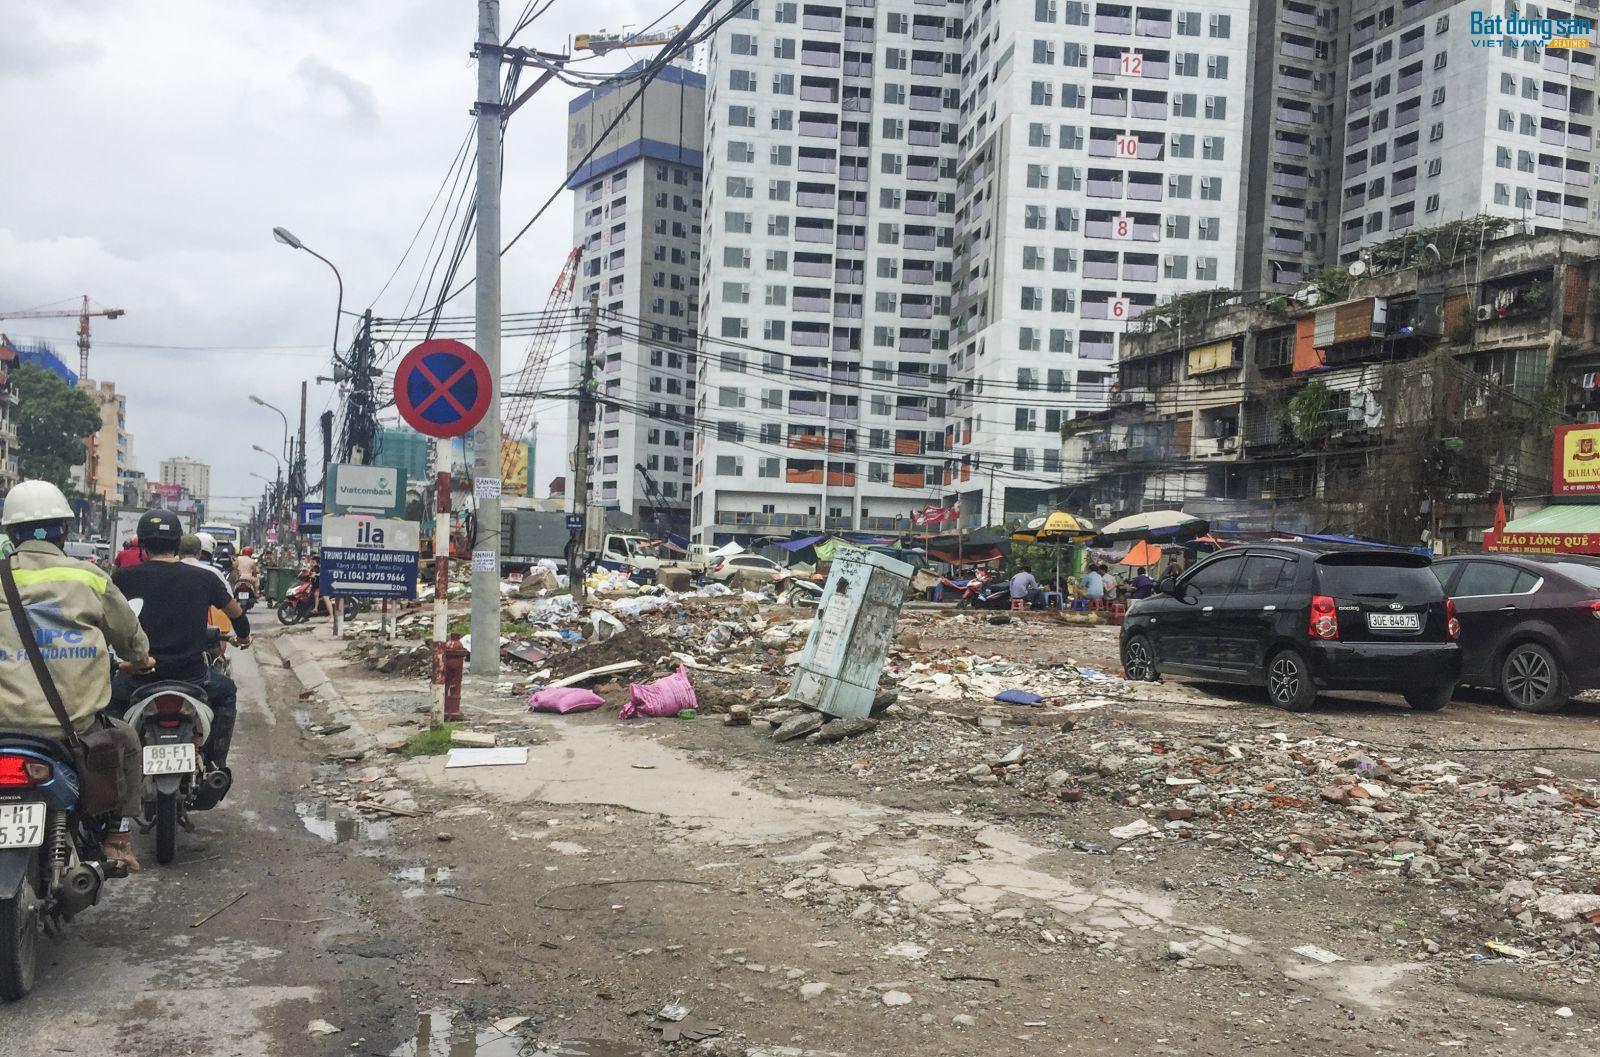 Tuyến đường Minh Khai cũng nhếch nhác không kém đường Trường Chinh, khi phế liệu xây dựng ngổn ngang